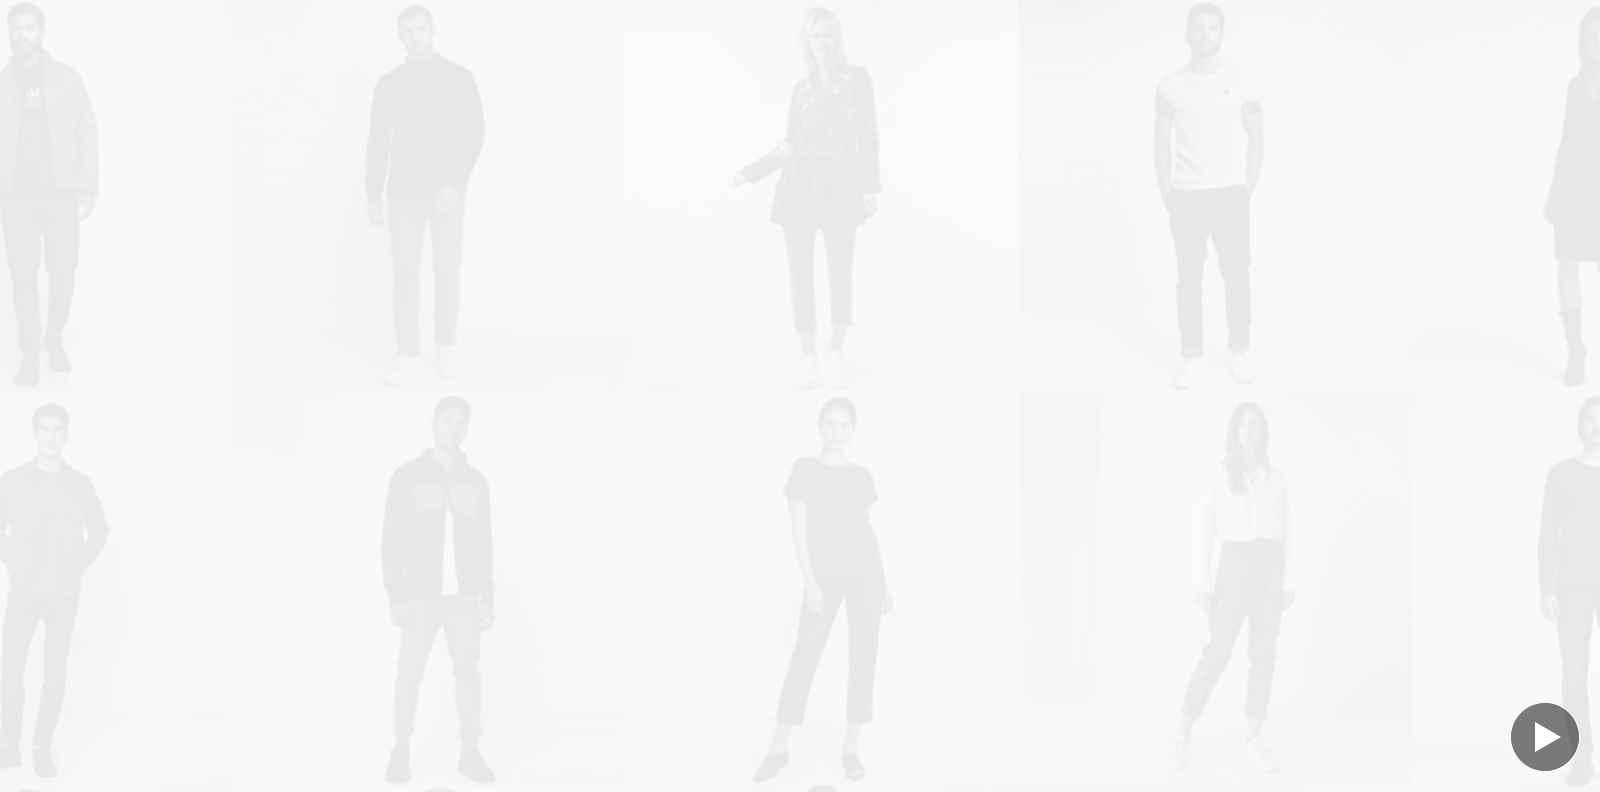 Изкуствен интелект генерира изображения на модели в дрехи